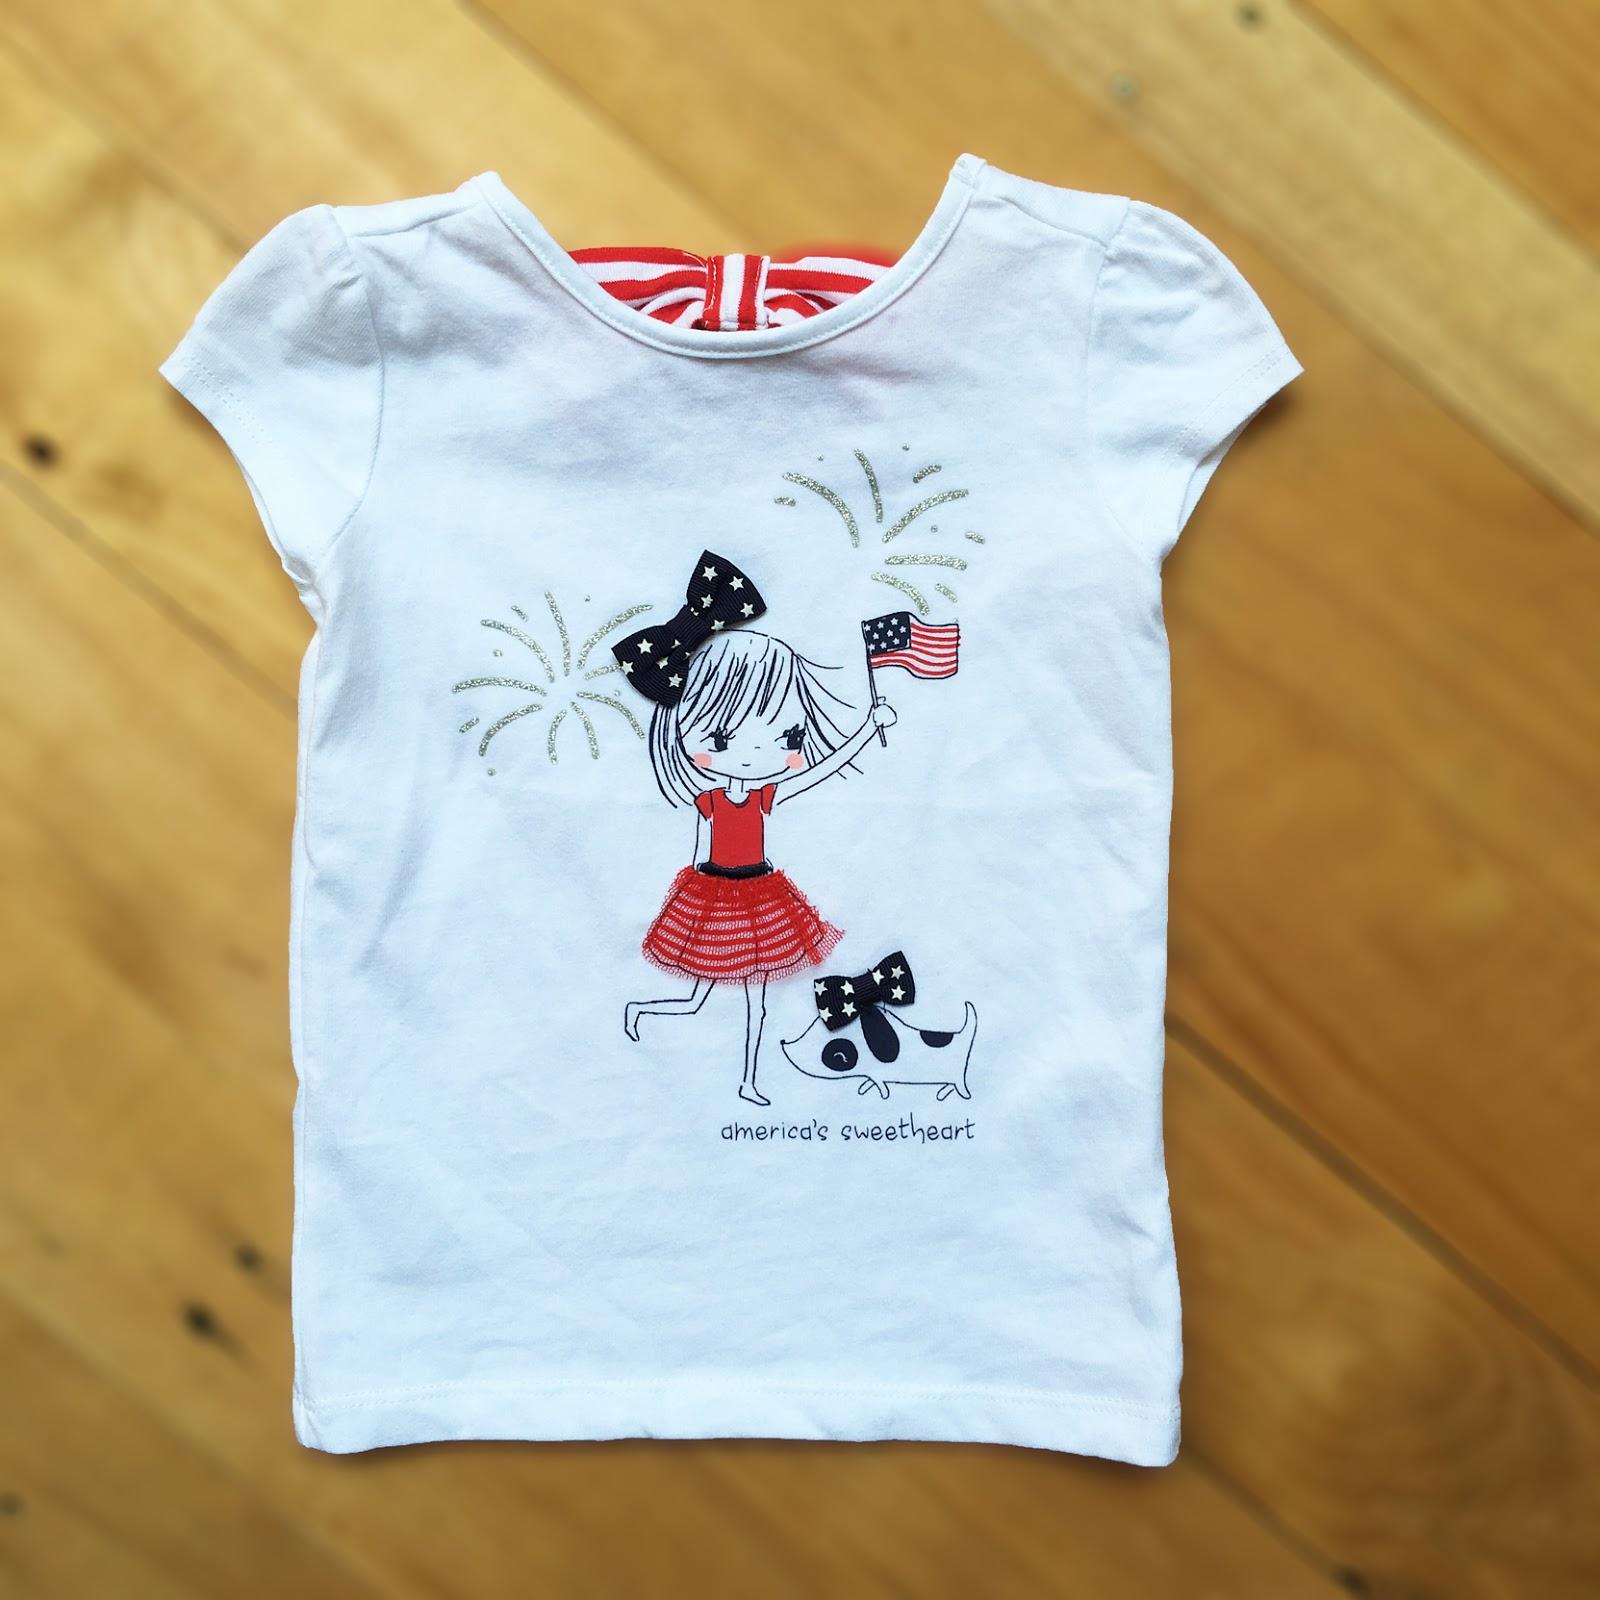 Áo thun Gymboree, bé gái, hàng xuất dư, made in cambodia, size từ 6/12M đến 5T.